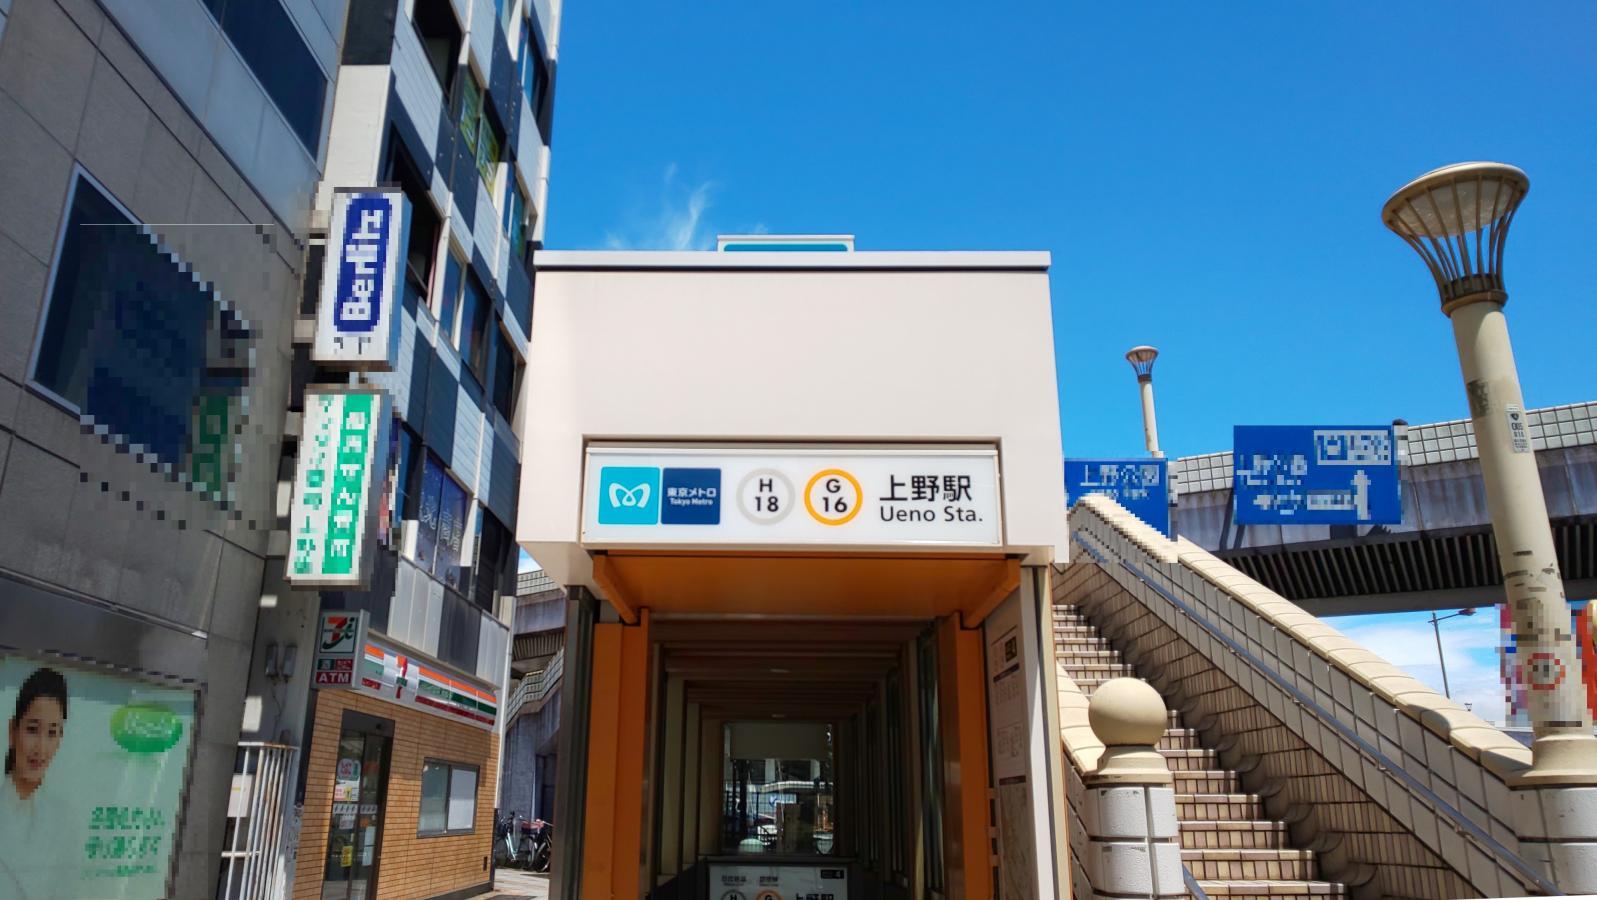 東京メトロ上野駅